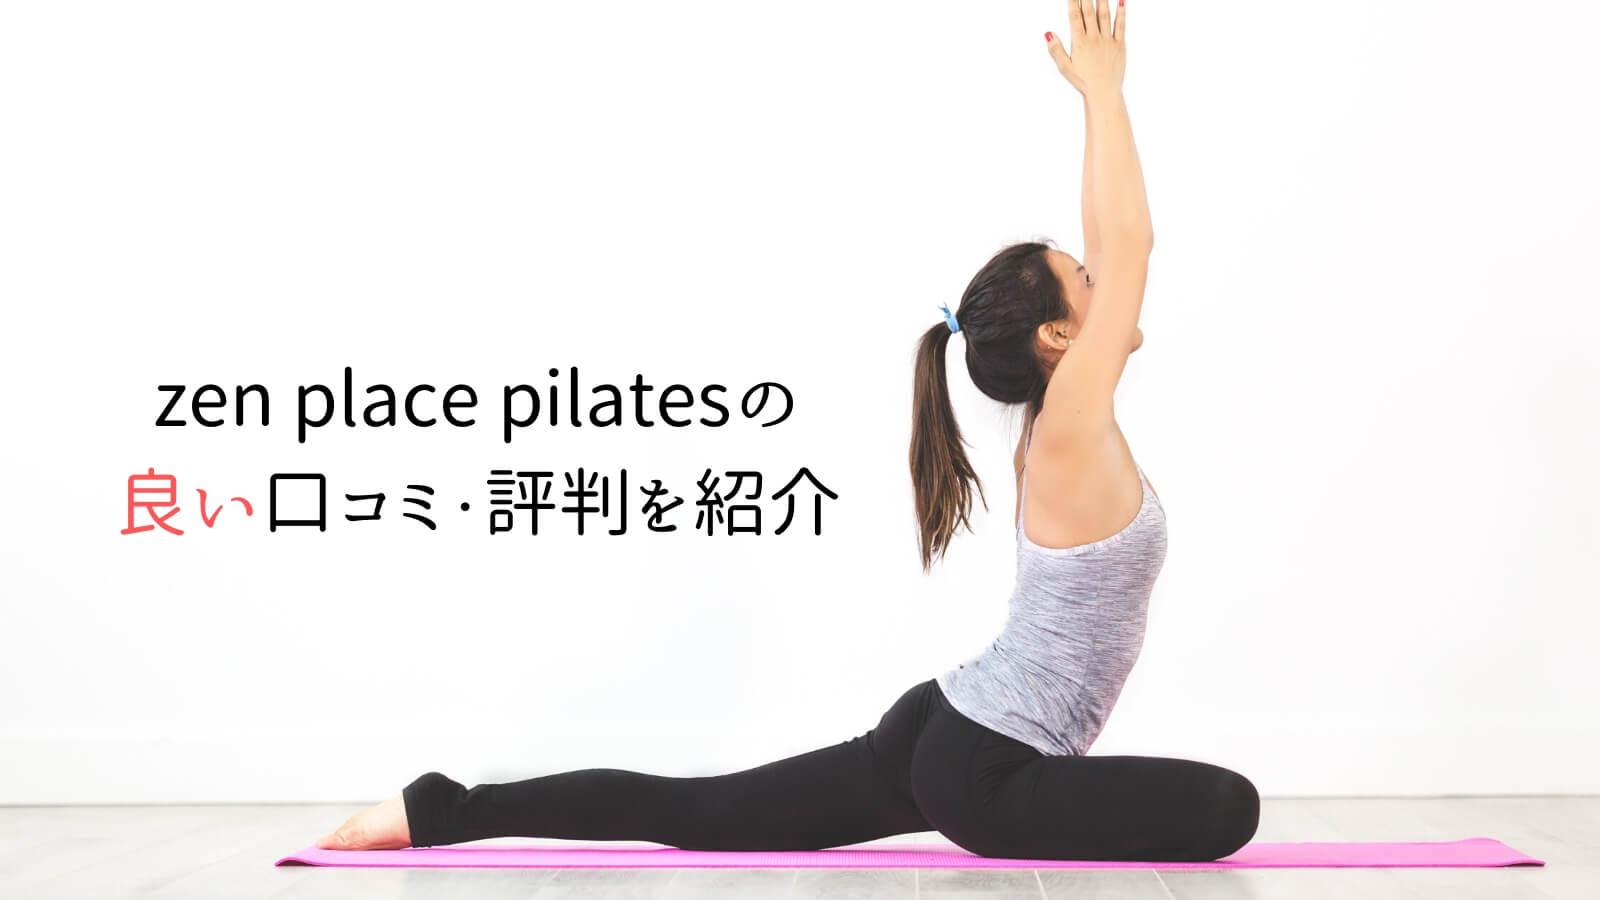 【口コミ】体験に行って思ったzen place pilates(ゼンプレイスピラティス)の良いところ